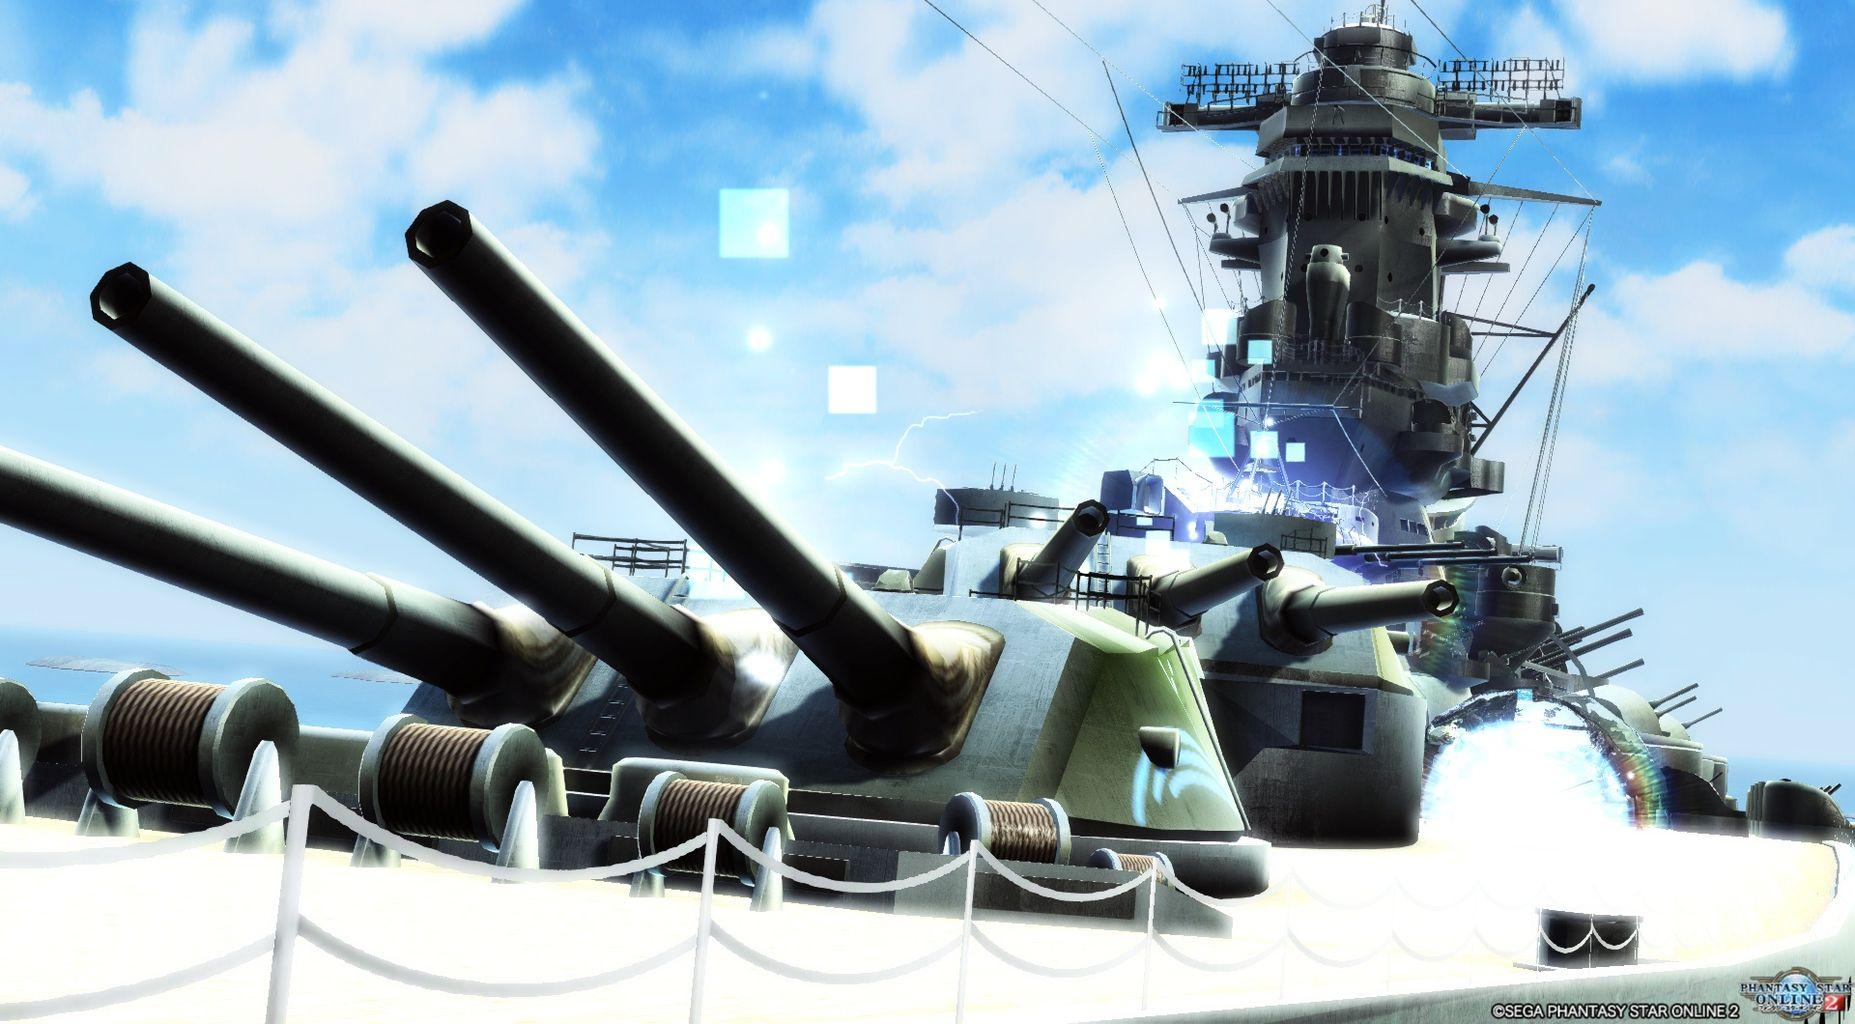 幻想戦艦大和が出る解き放たれし鋼鉄の威信